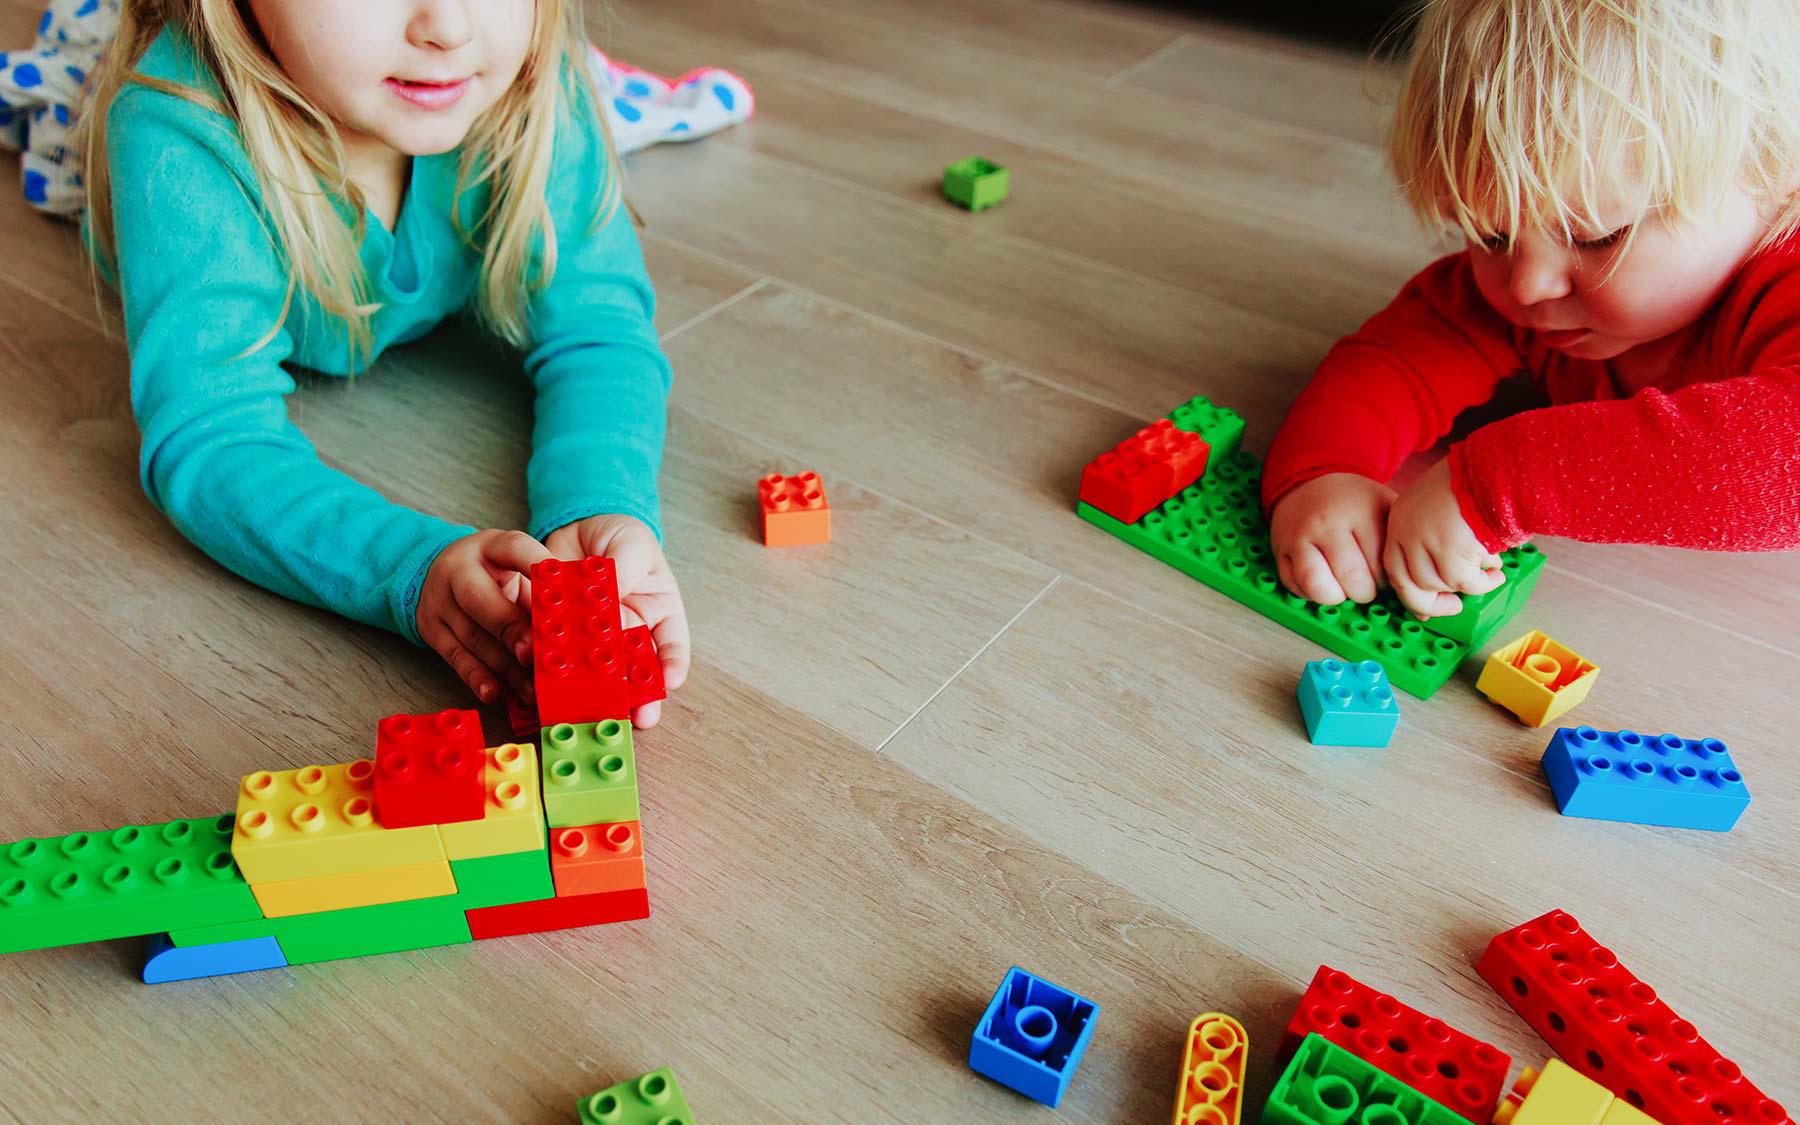 kids playing building blocks